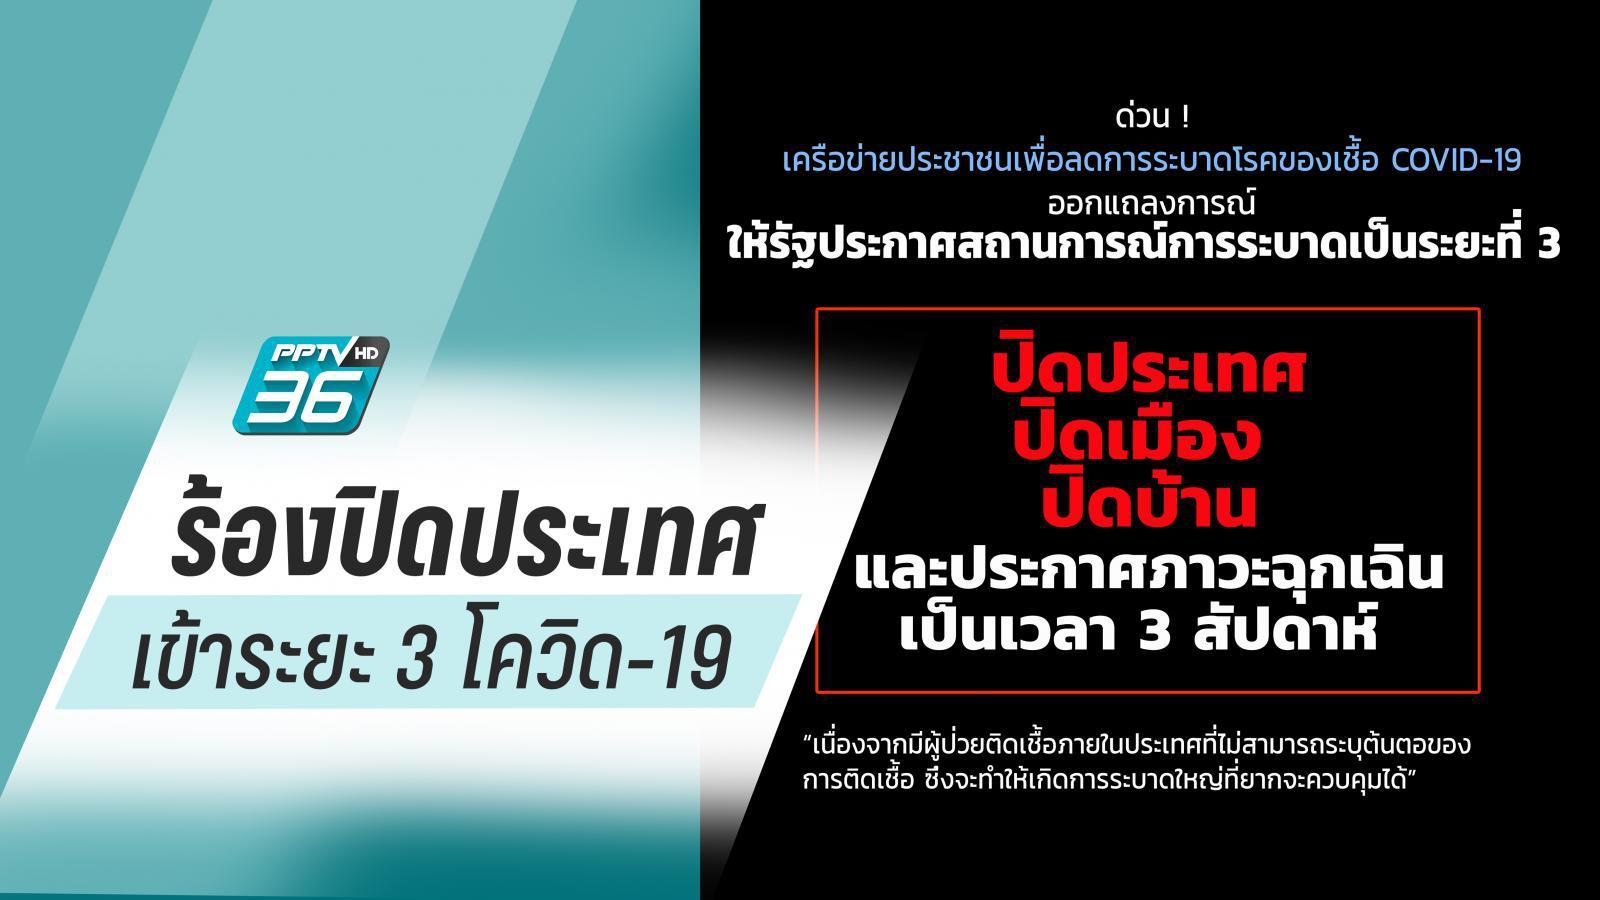 เครือข่ายประชาชน จี้รัฐบาลปิดประเทศ เข้าสู่ระยะ 3 สกัดโควิด-19